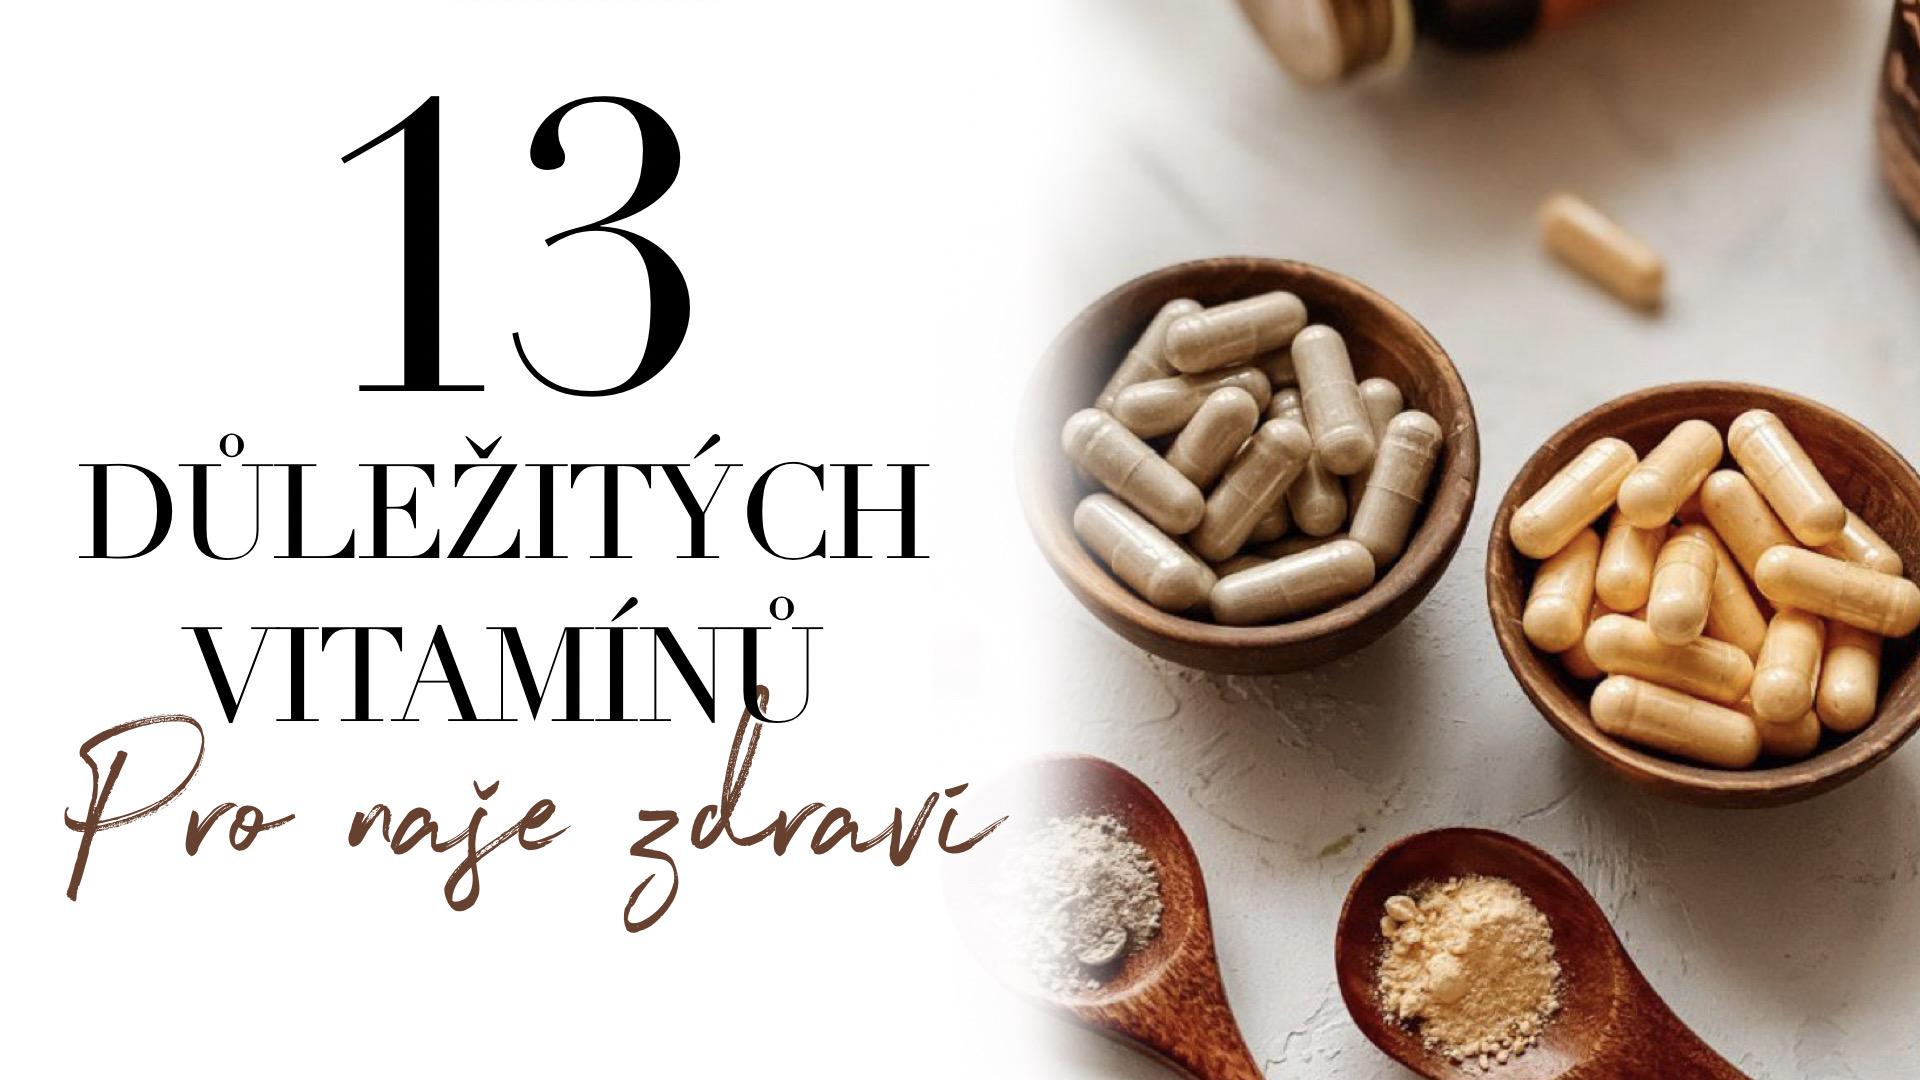 13 důležitých vitamínů pro naše zdraví